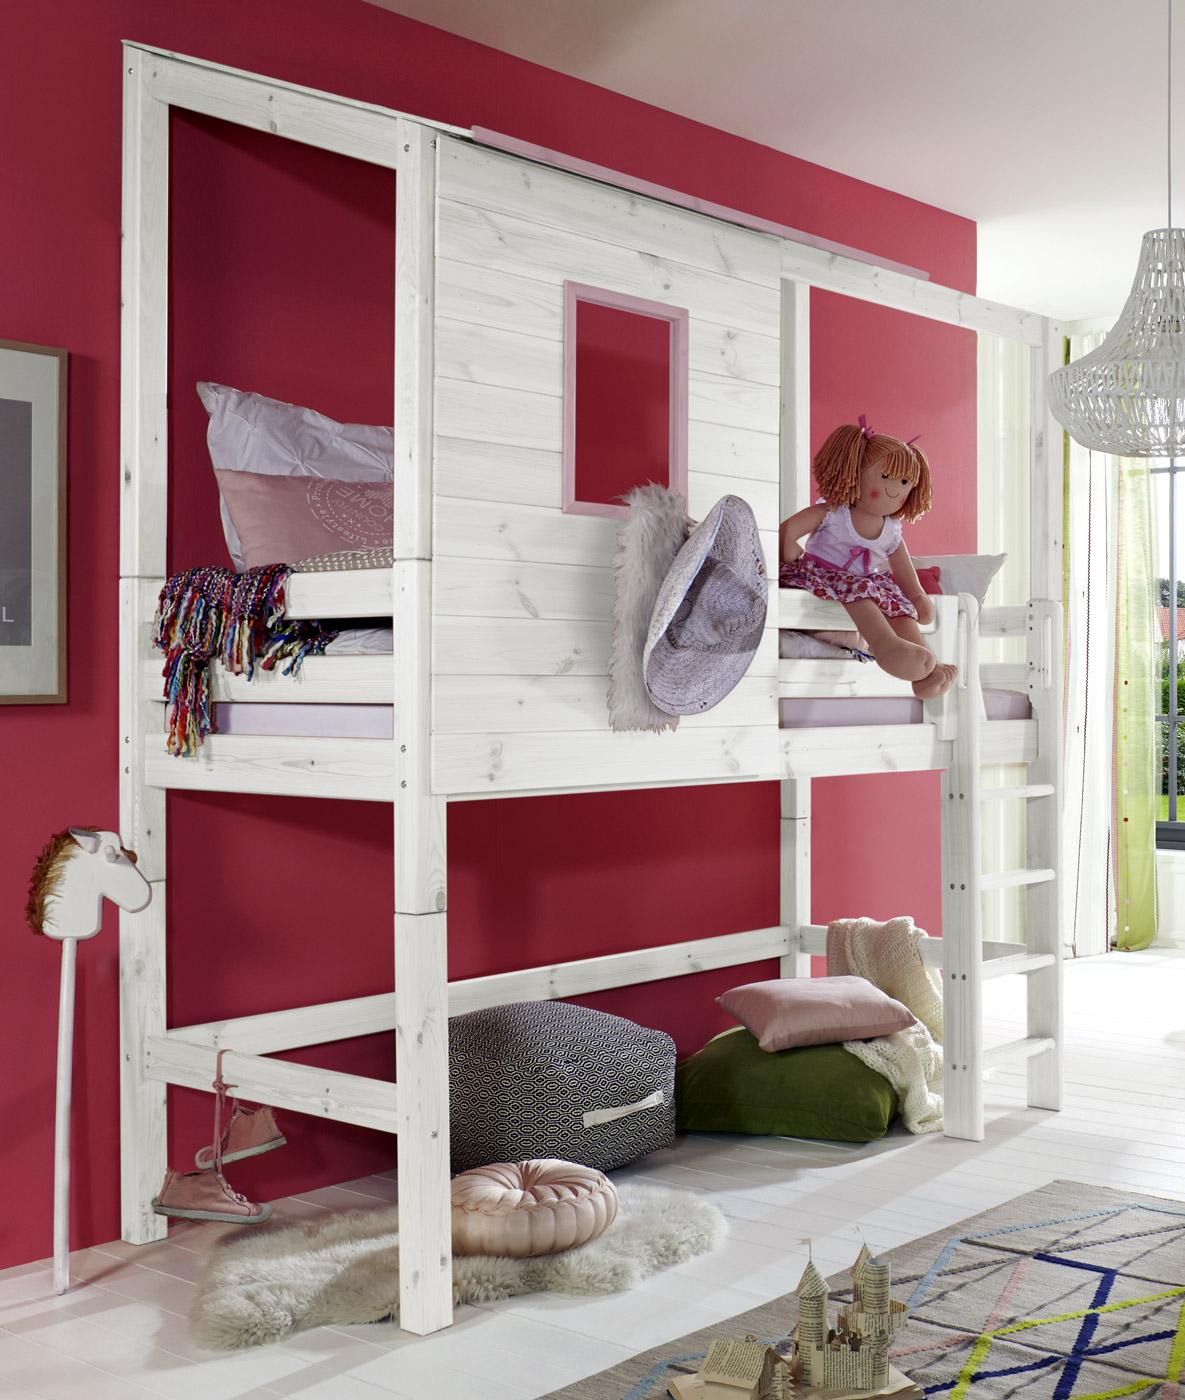 extra hohes abenteuer-hochbett für mädchen - kids paradise - Kinderzimmer Mdchen Weiss